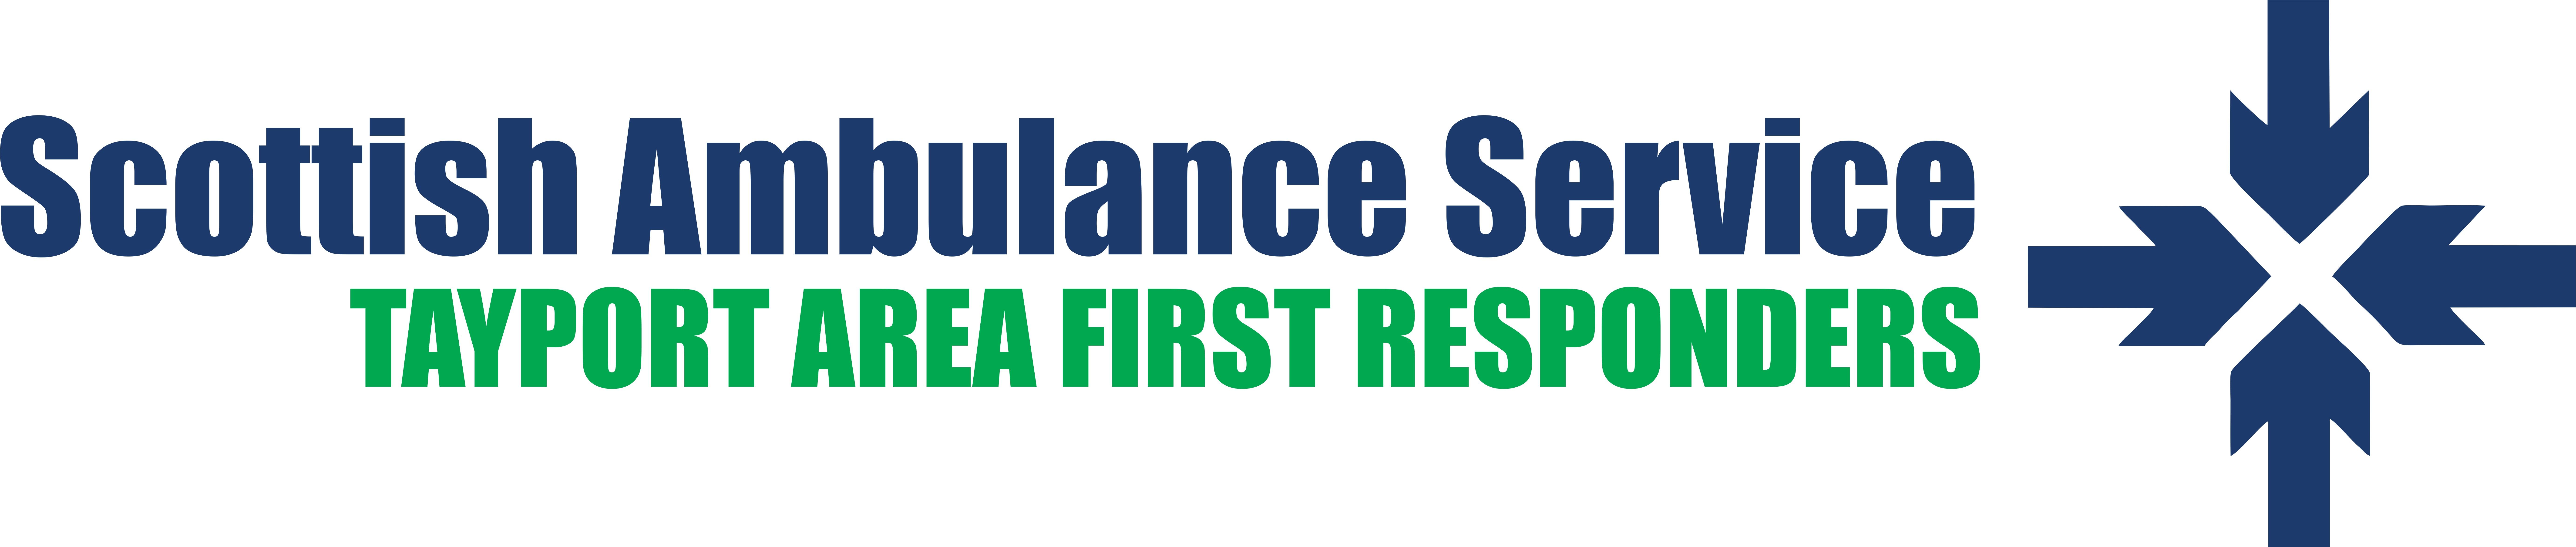 ihcd ambulance service basic training manual